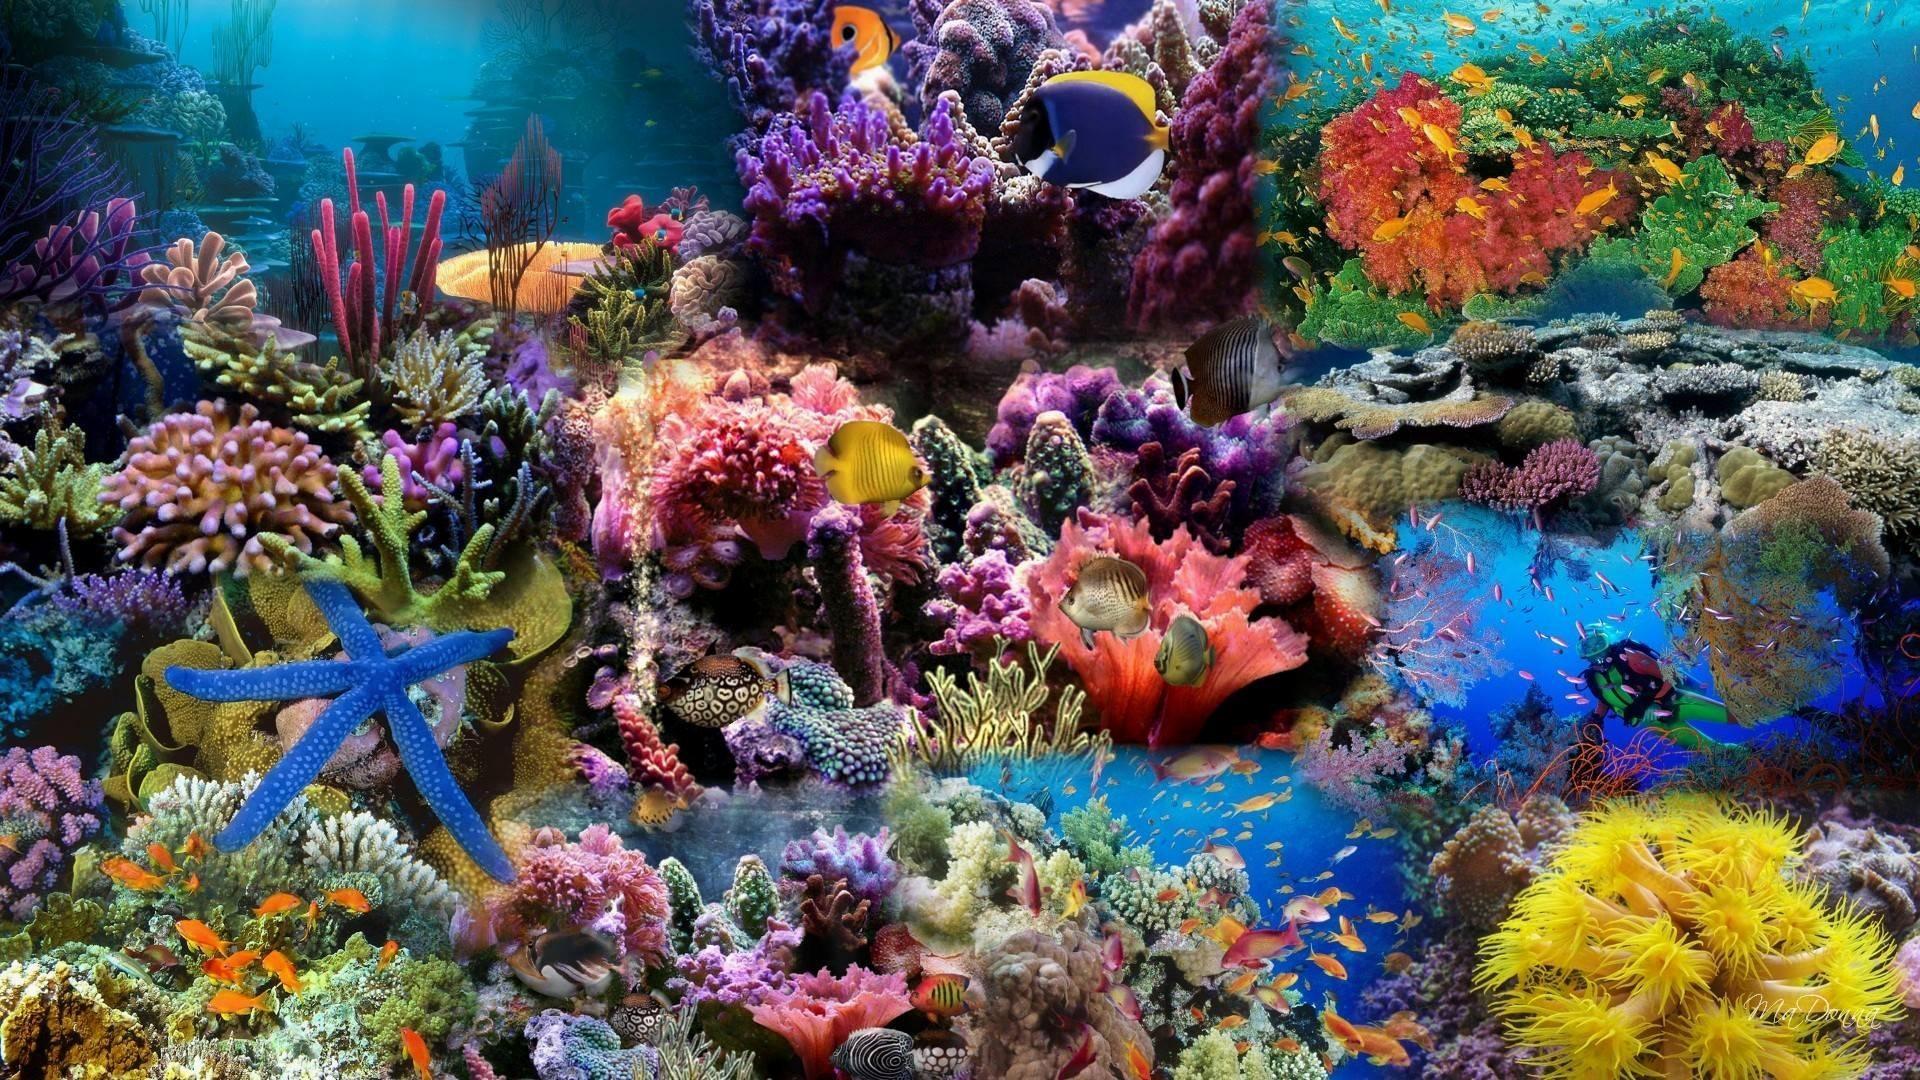 ocean hd live wallpaper source a· koi fish live wallpaper 56 images